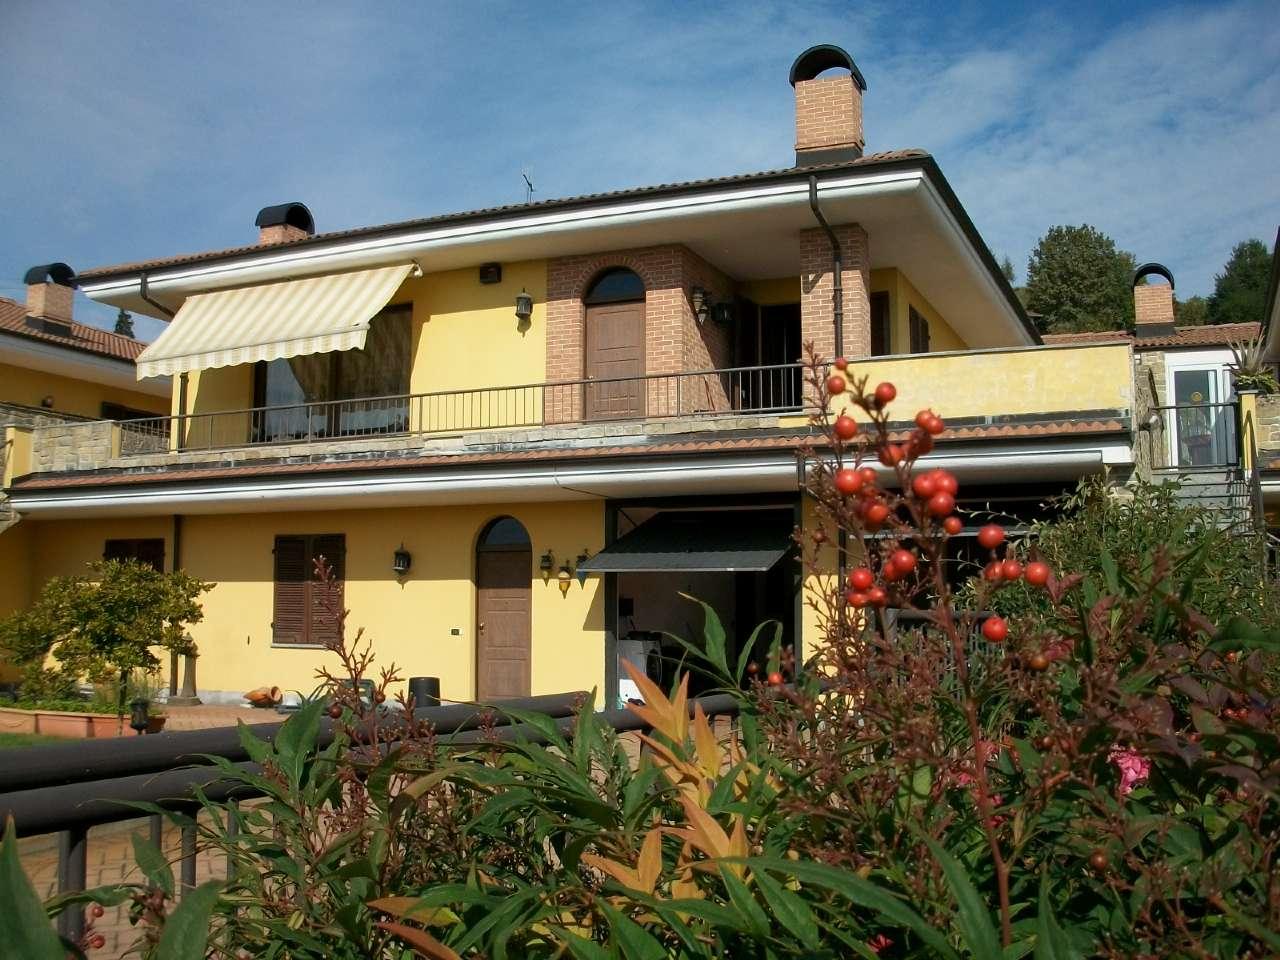 Foto 1 di Villa a Schiera strada ORTI 29/I, frazione Pollenzo, Bra